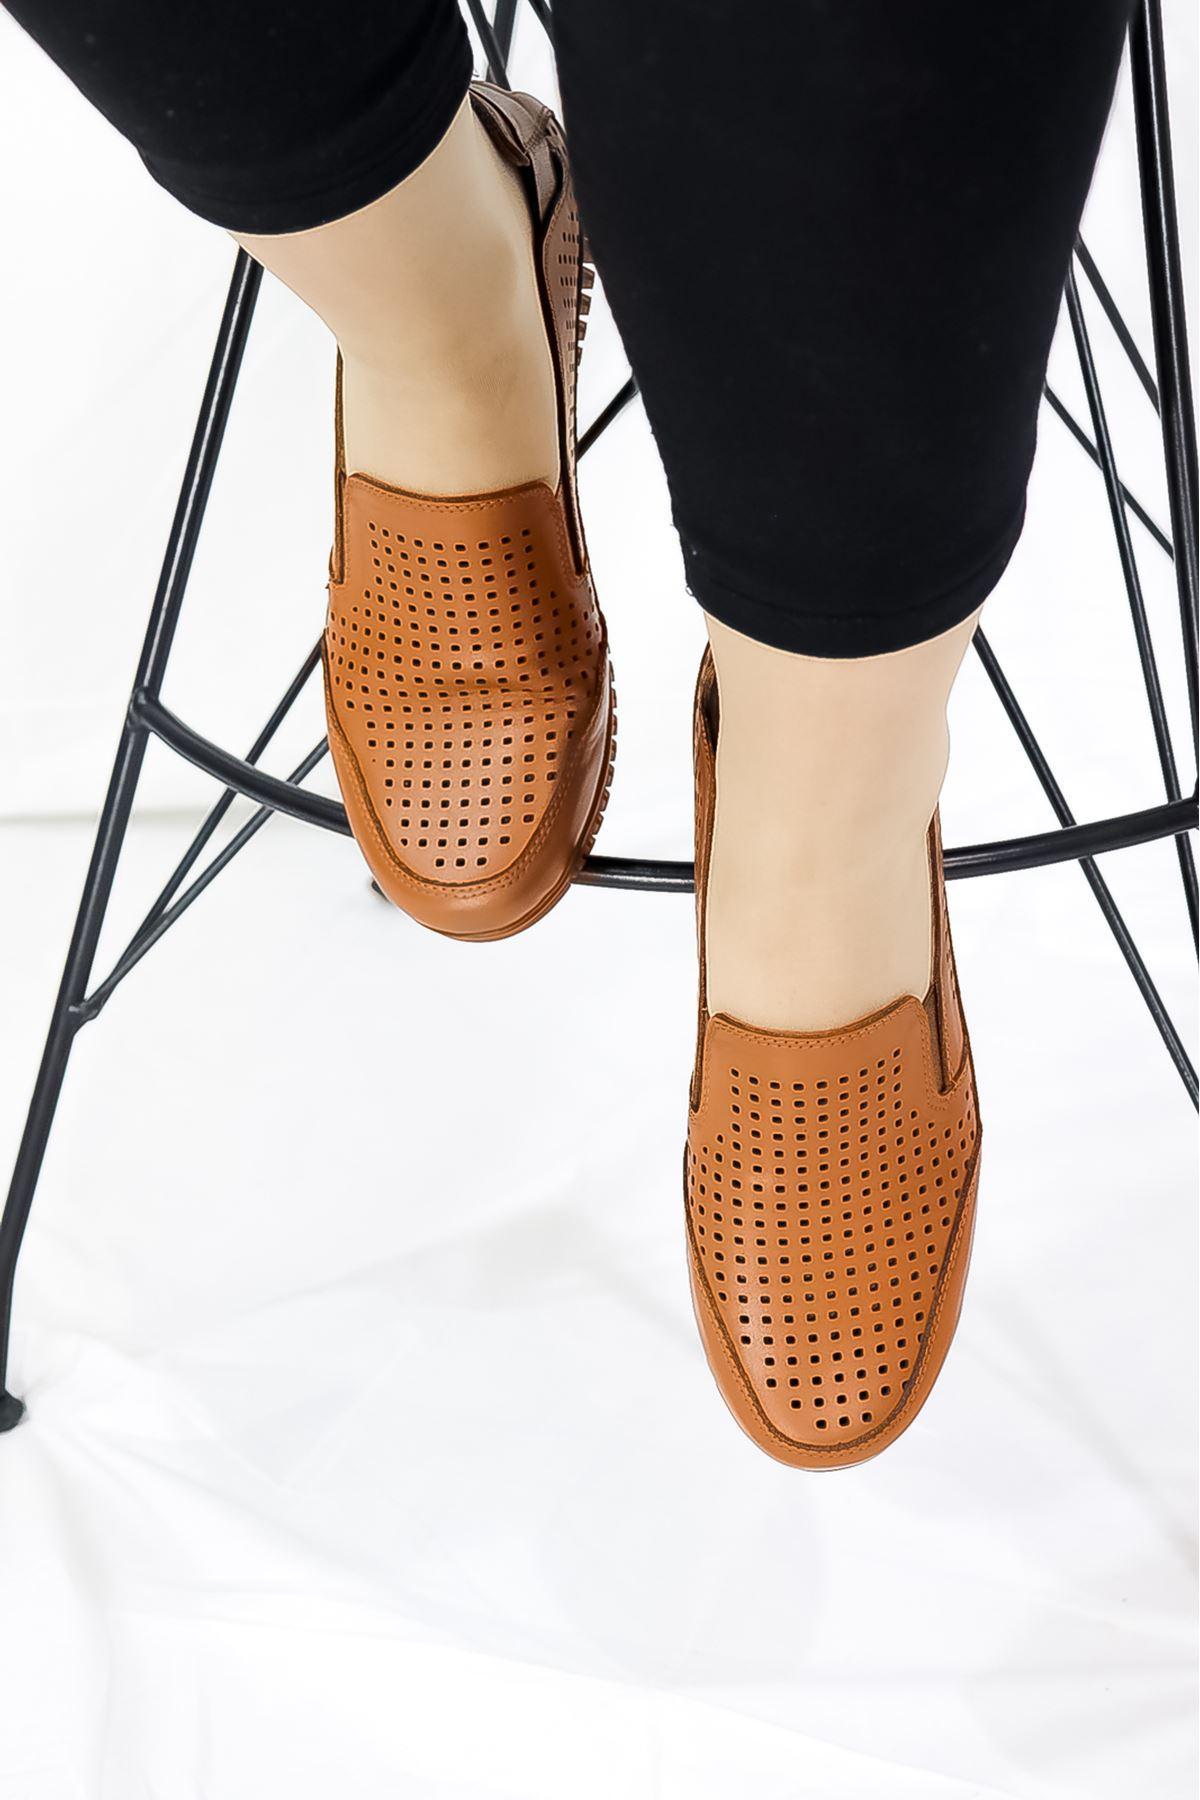 Mammamia - D21YA - 145-B Taba Ortopedik Kadın Ayakkabısı